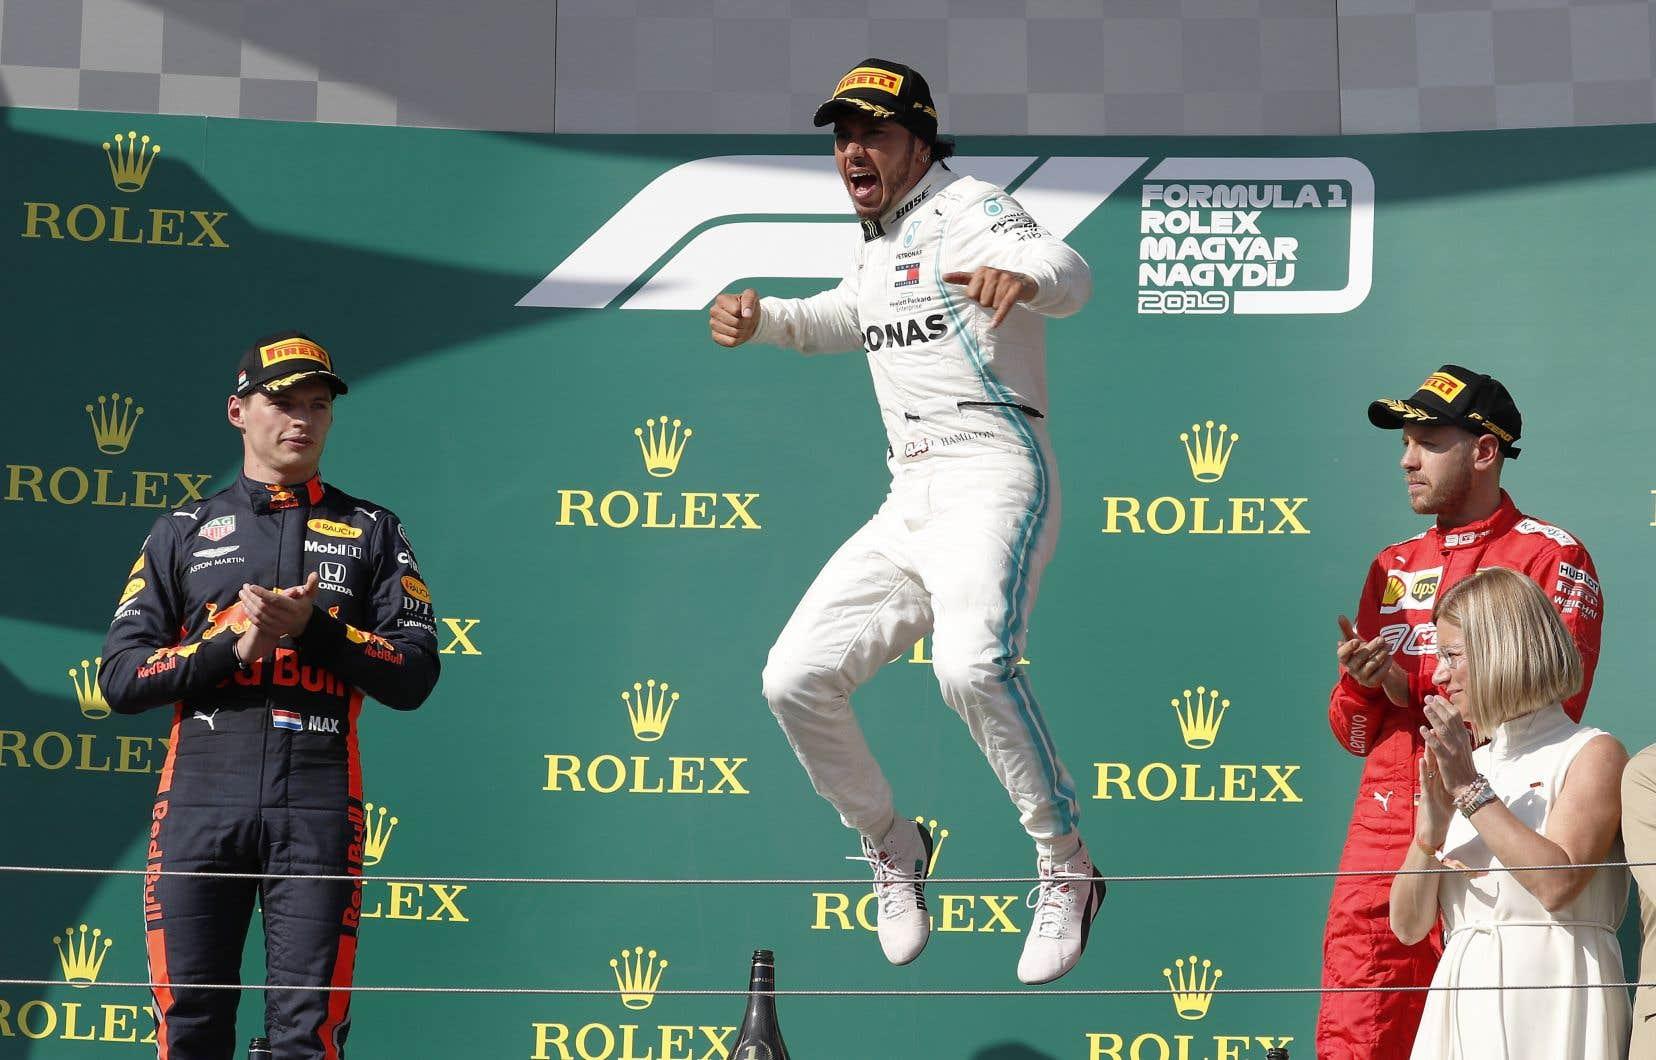 «Honnêtement, je ne savais pas si je pouvais réduire l'écart, a dit Hamilton. Je n'ai pas lâché. On aurait dit des qualifications, à chaque tour.»